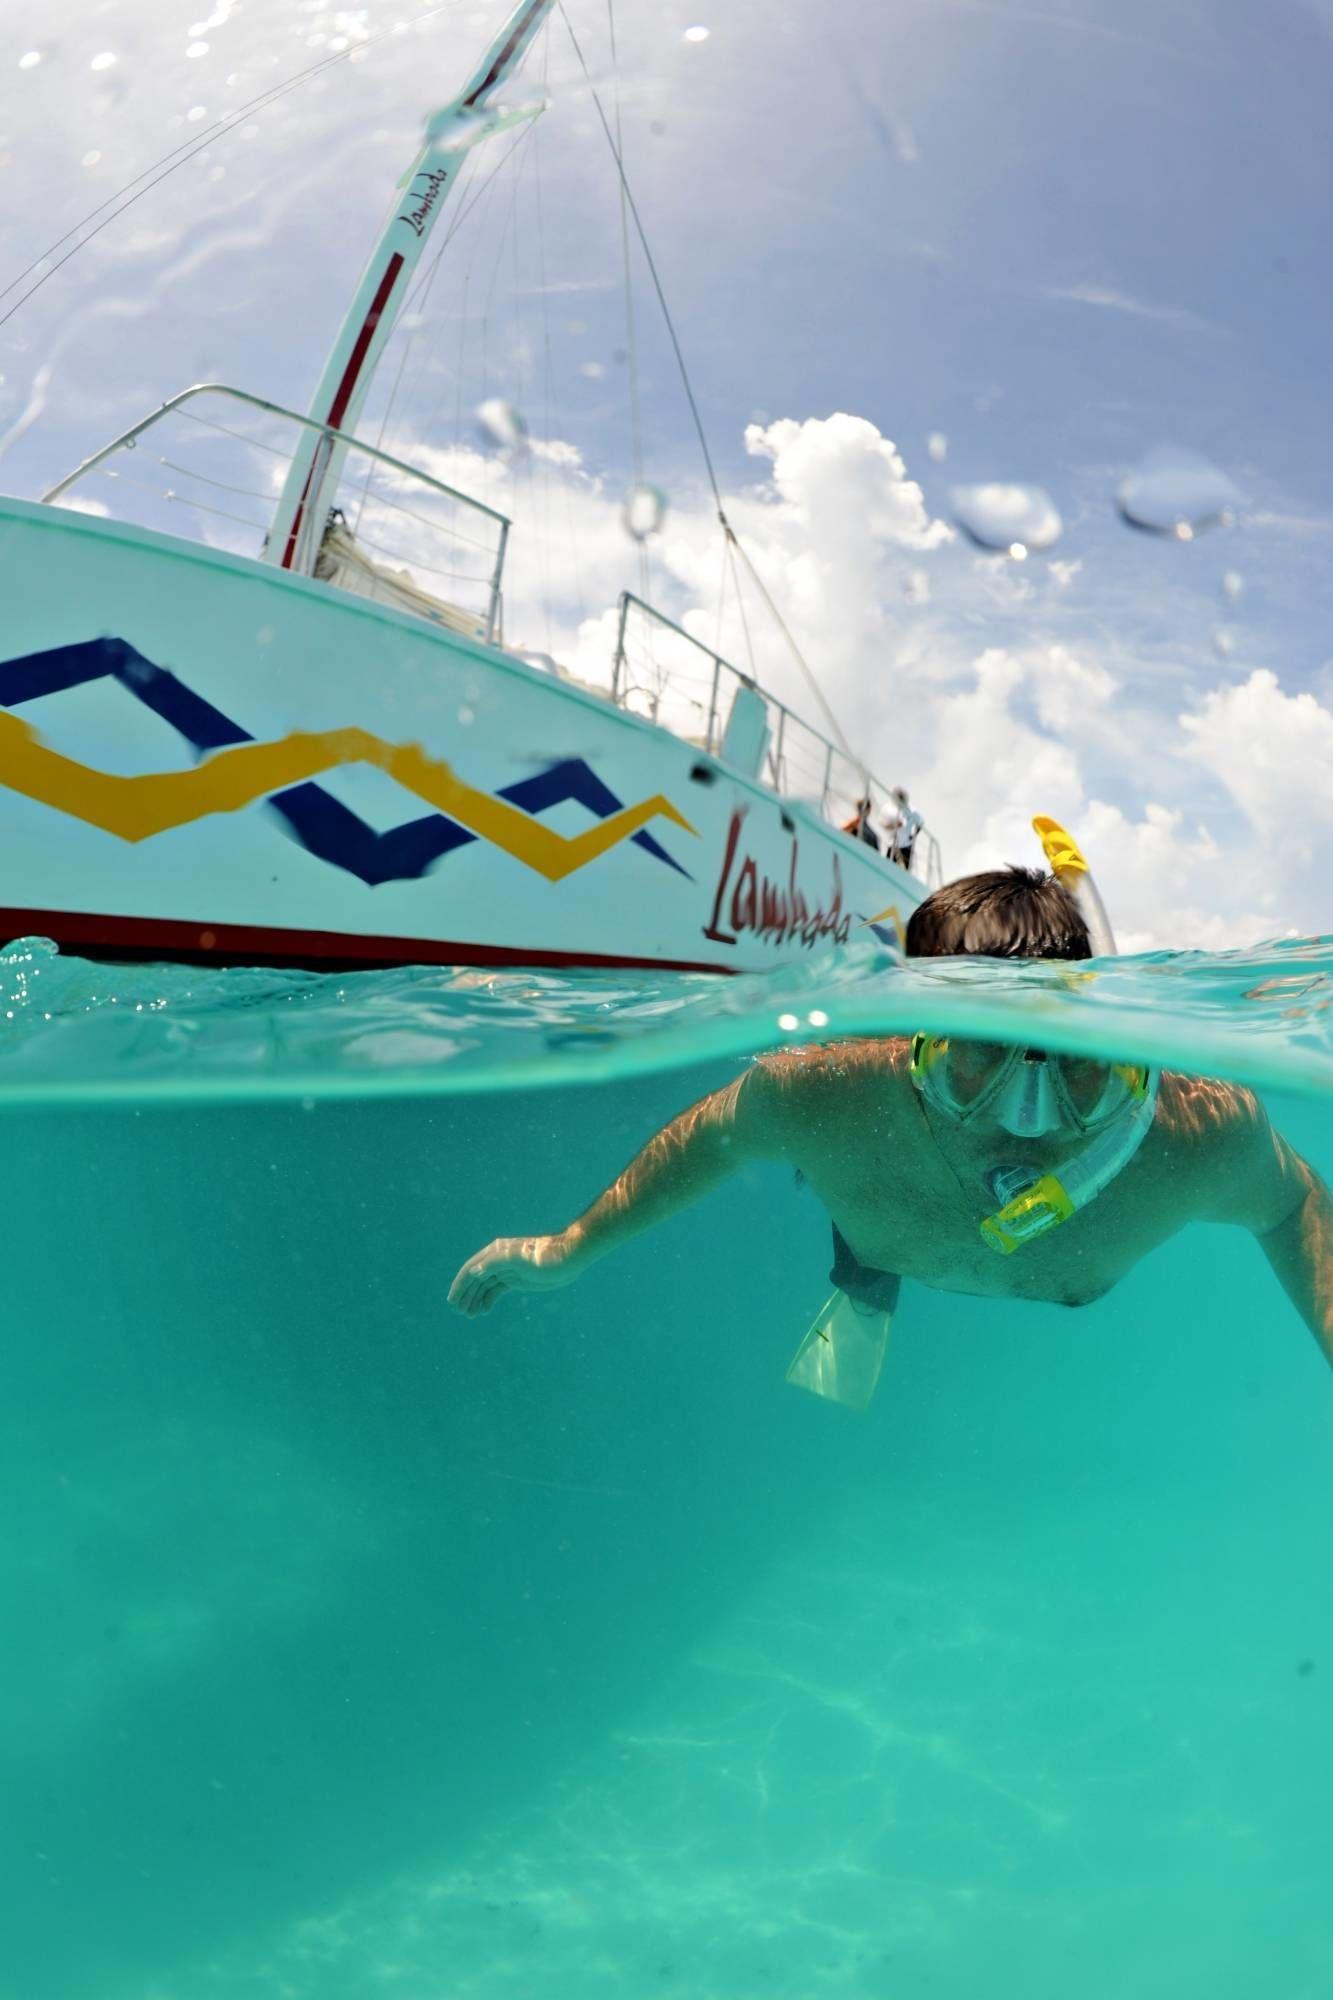 St Maarten 3 Beach Sail